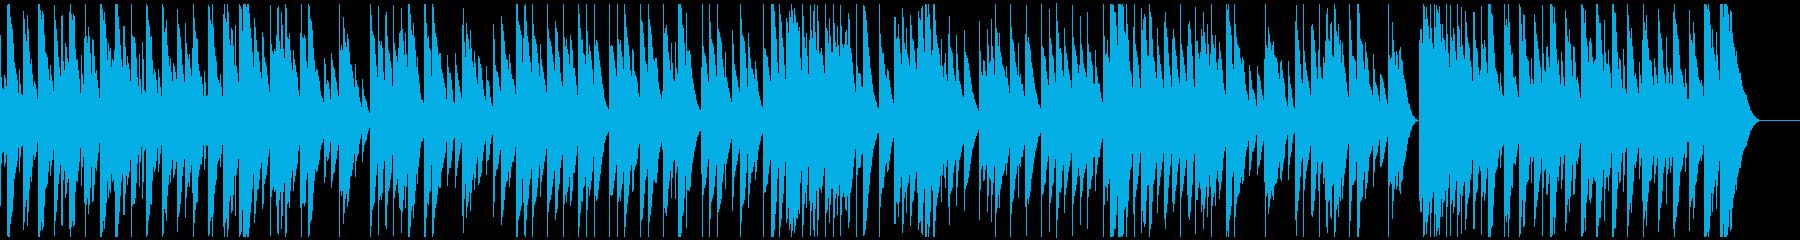 ファンタジックでメルヘンなオルゴールの再生済みの波形